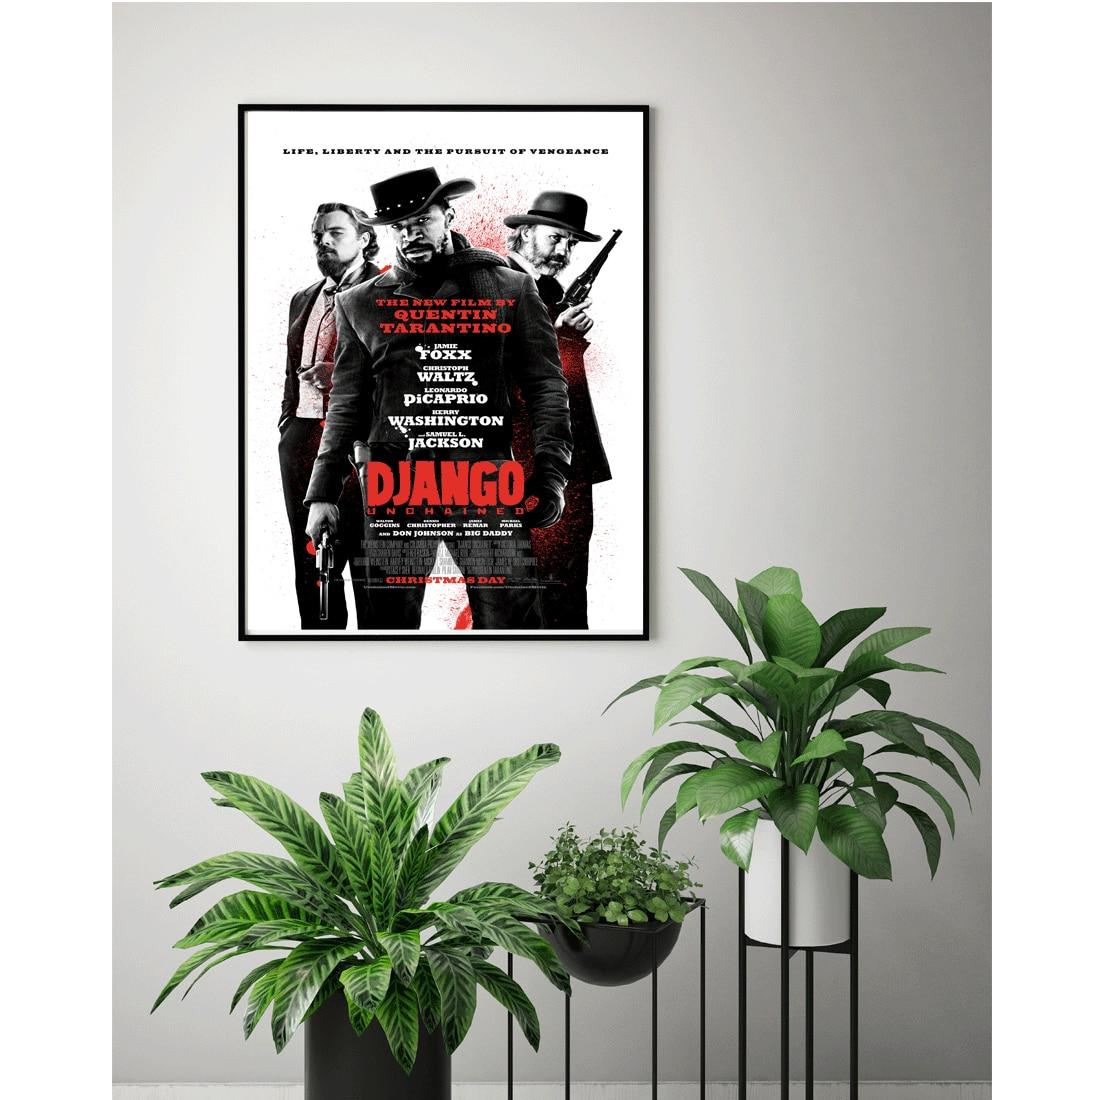 M099 nueva película caliente Django desencadenado clave película Póster Artístico de lienzo pintura Impresión de pared fotos personalizado 24x36 27x40in decoración del hogar